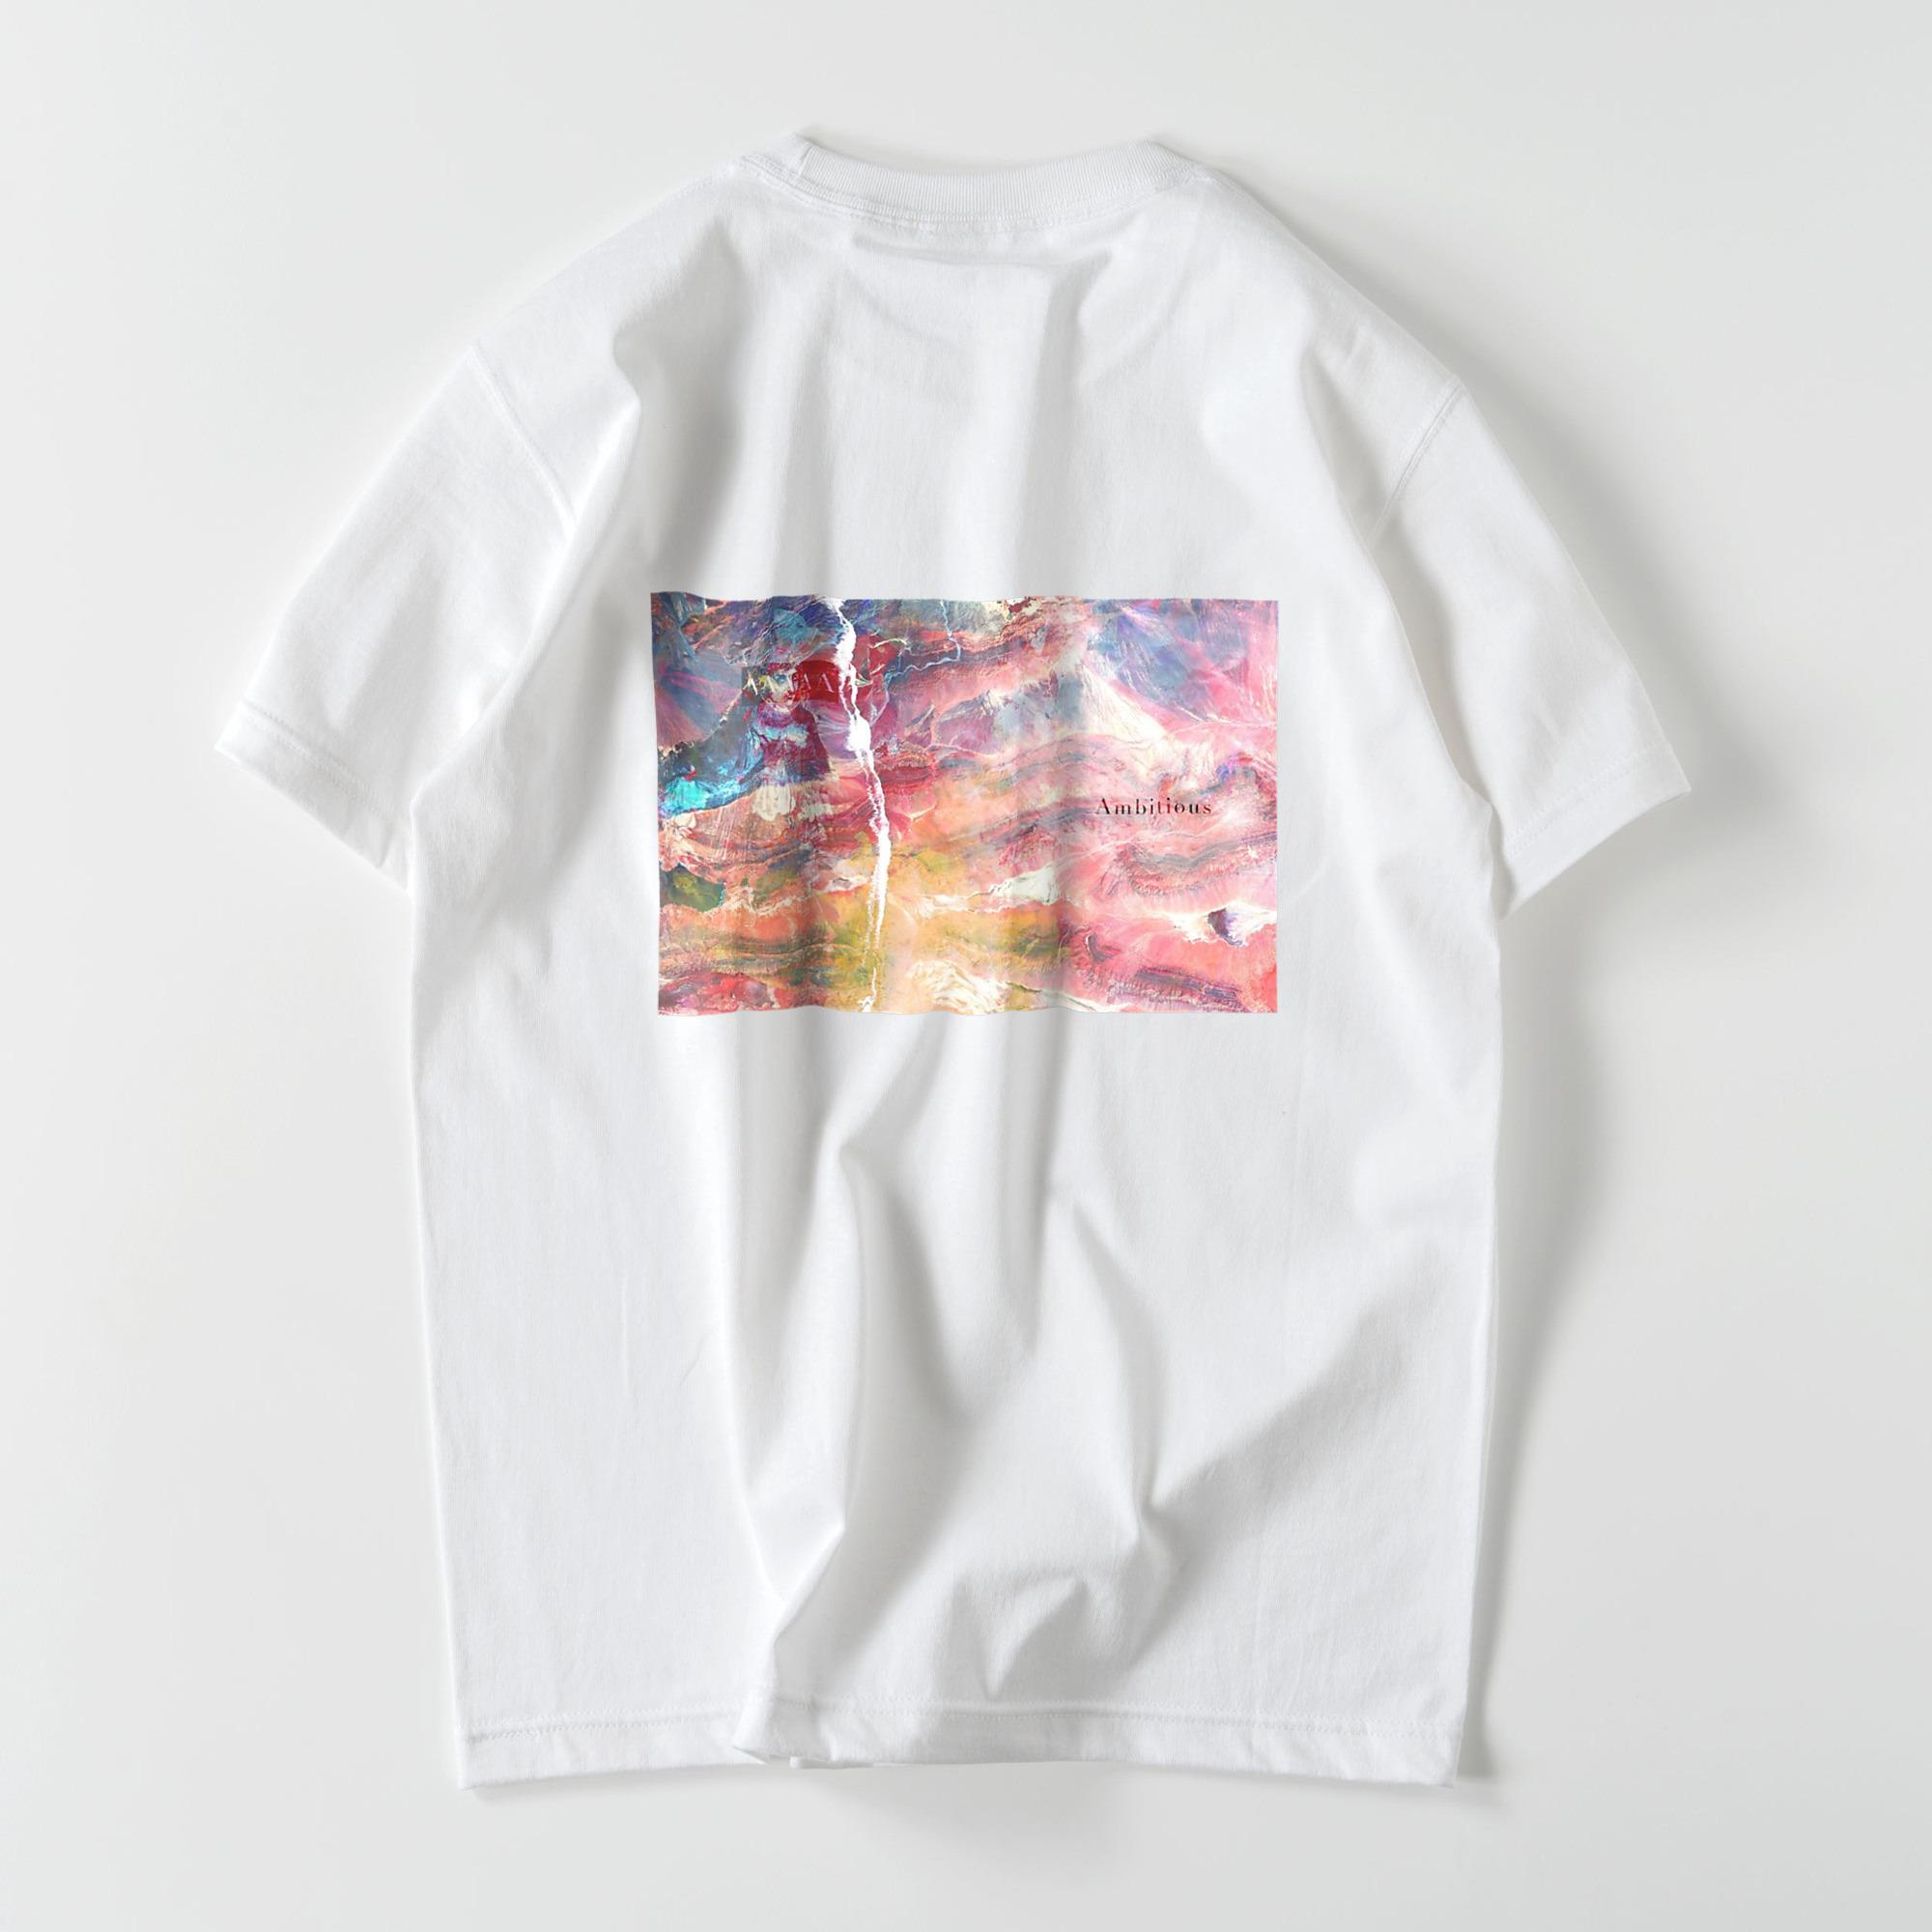 Ambitious スタンダードTシャツ /男女兼用(5色)